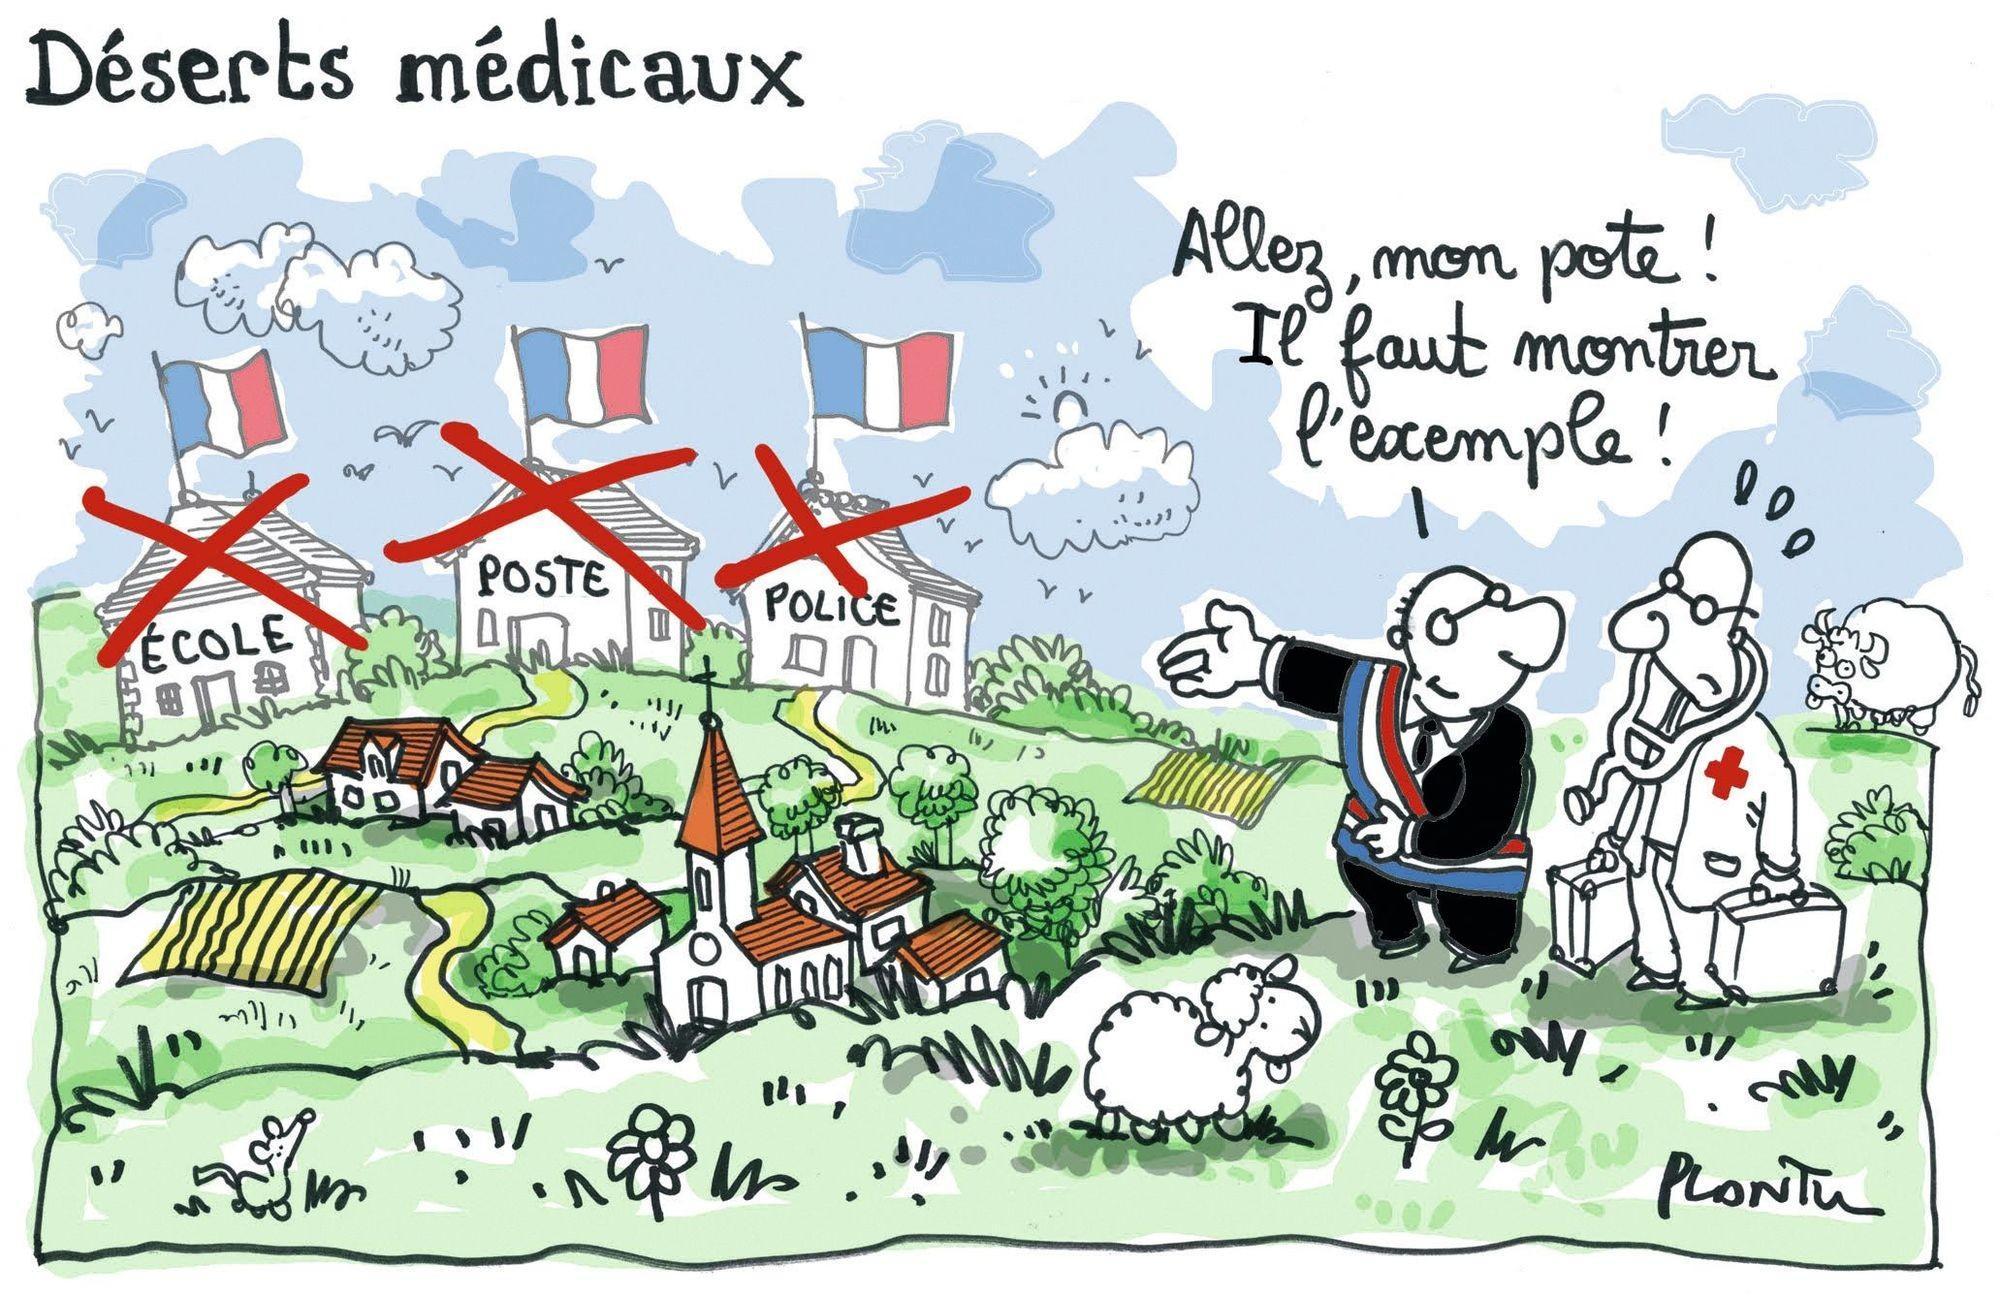 Les déserts médicaux en France - Plantu, Le Monde, 2013